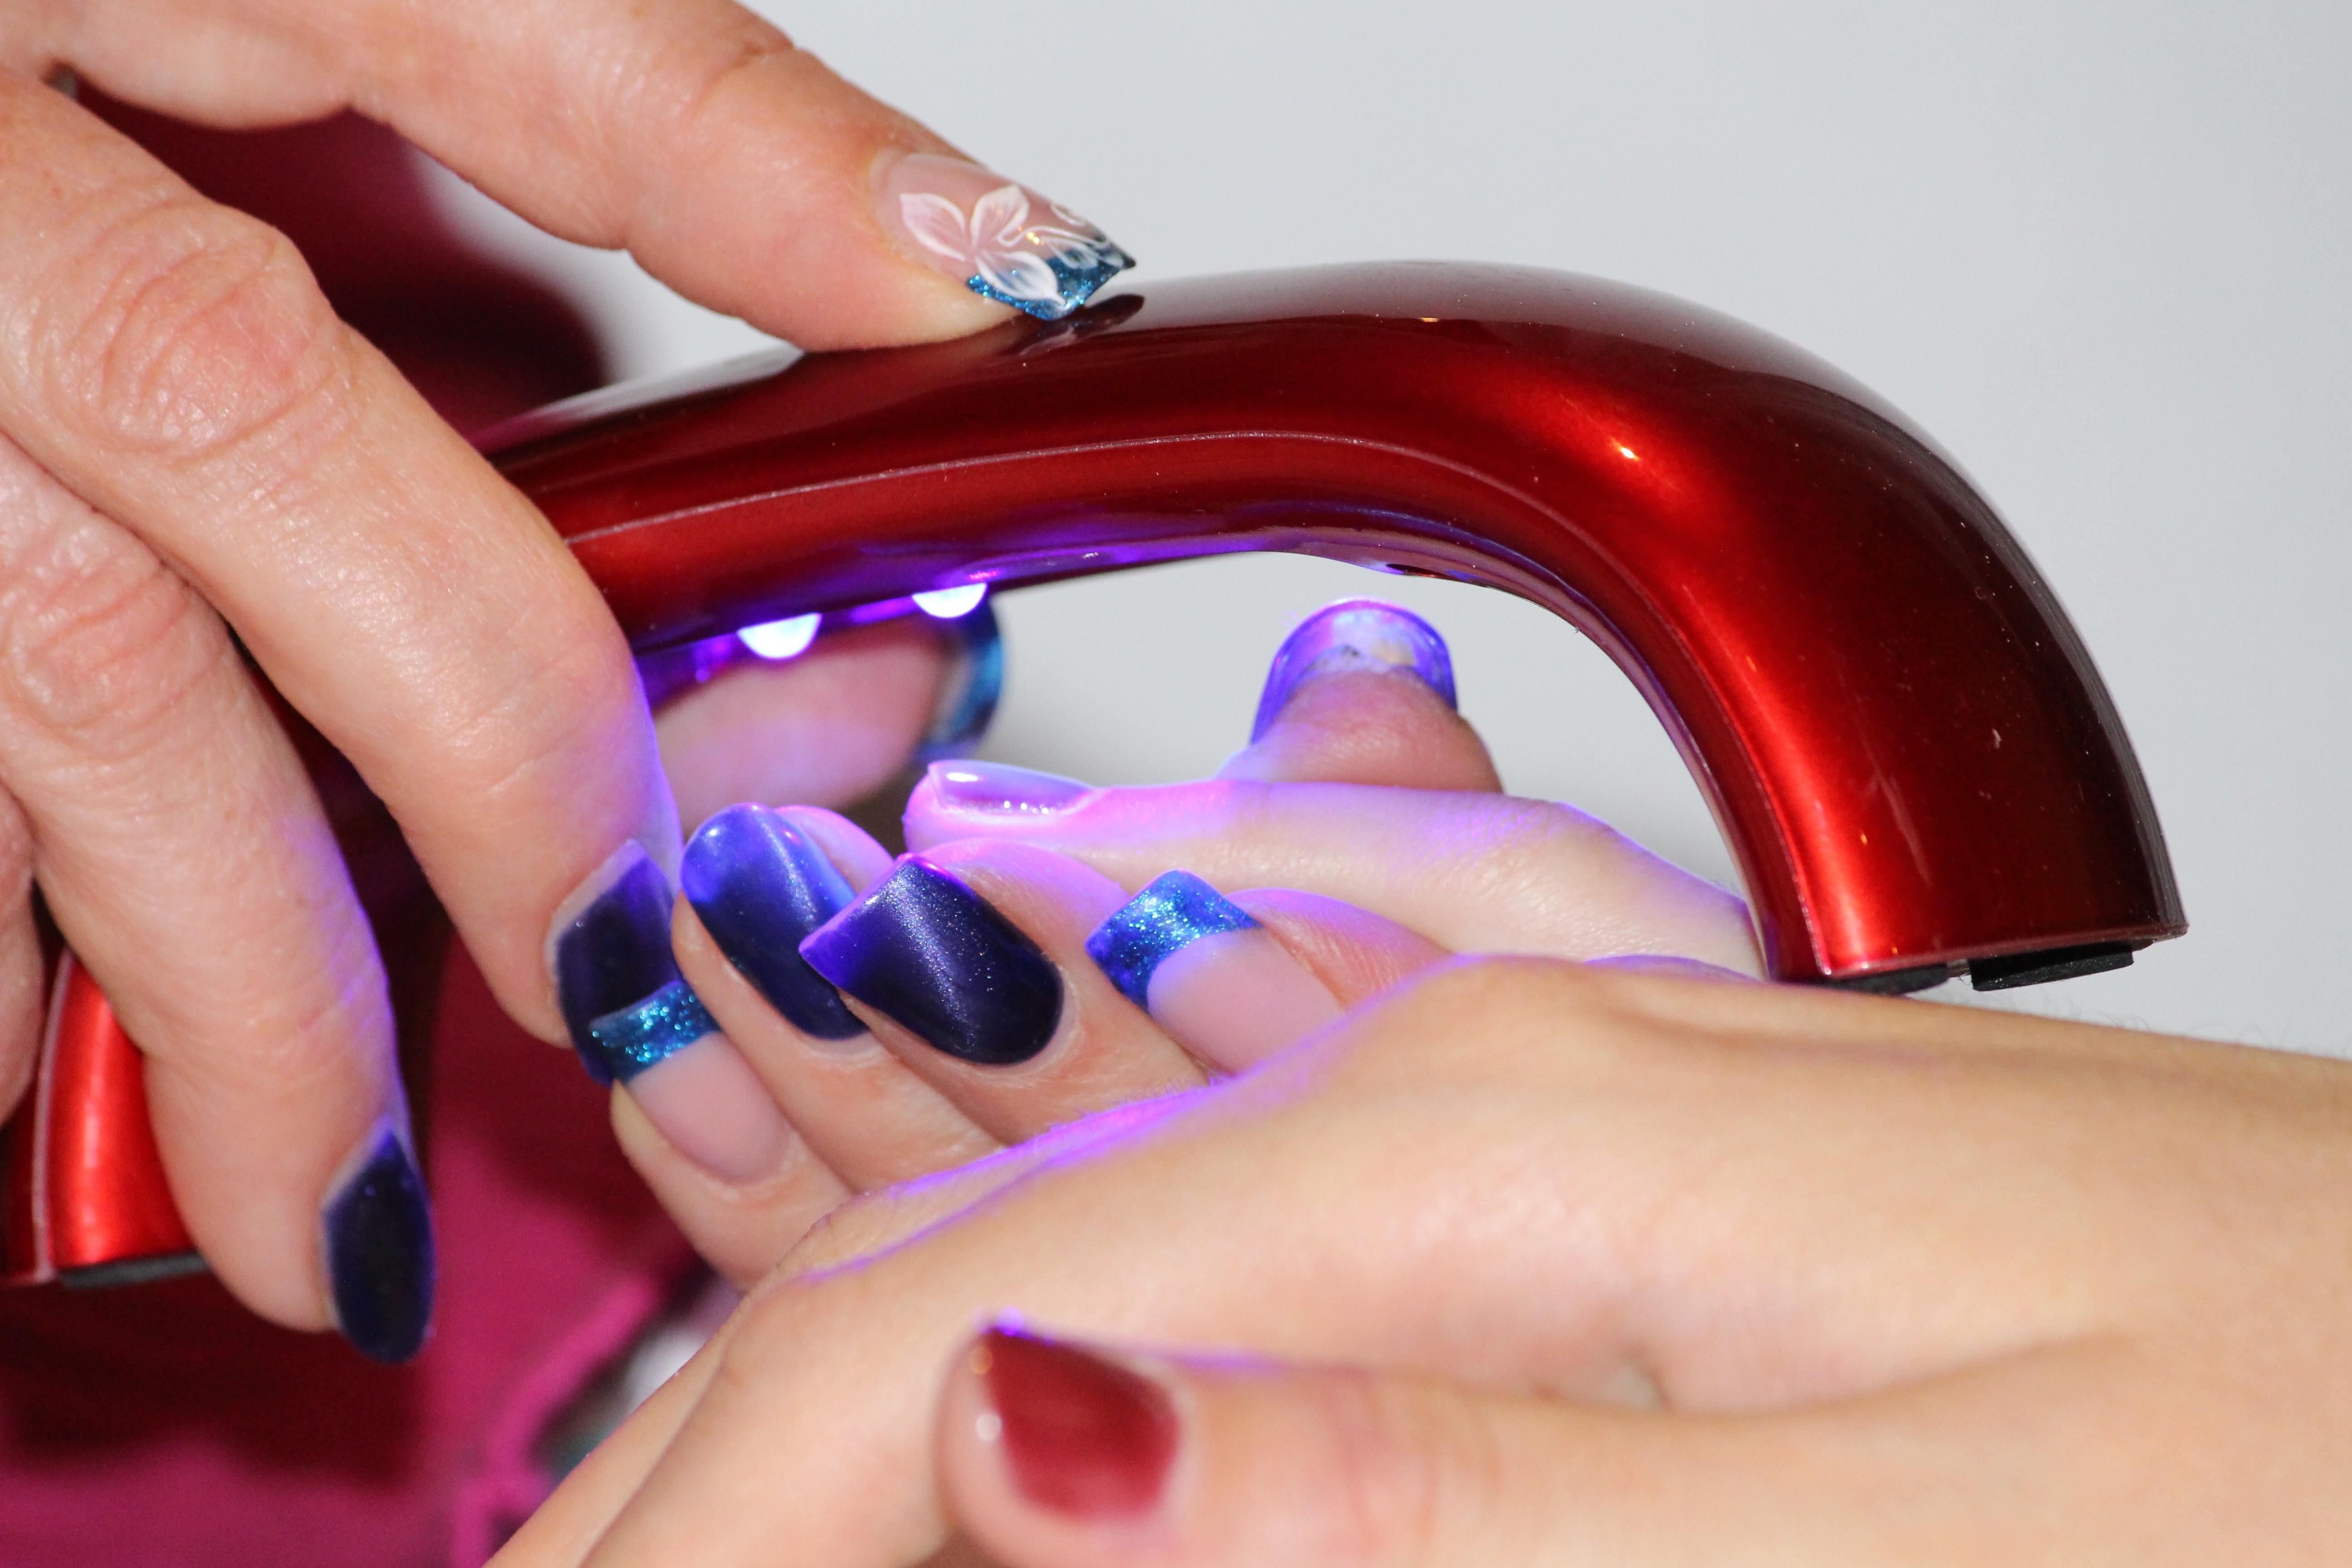 Kostenlose foto : Hand, Frau, trocken, Bein, Finger, rot, Farbe ...